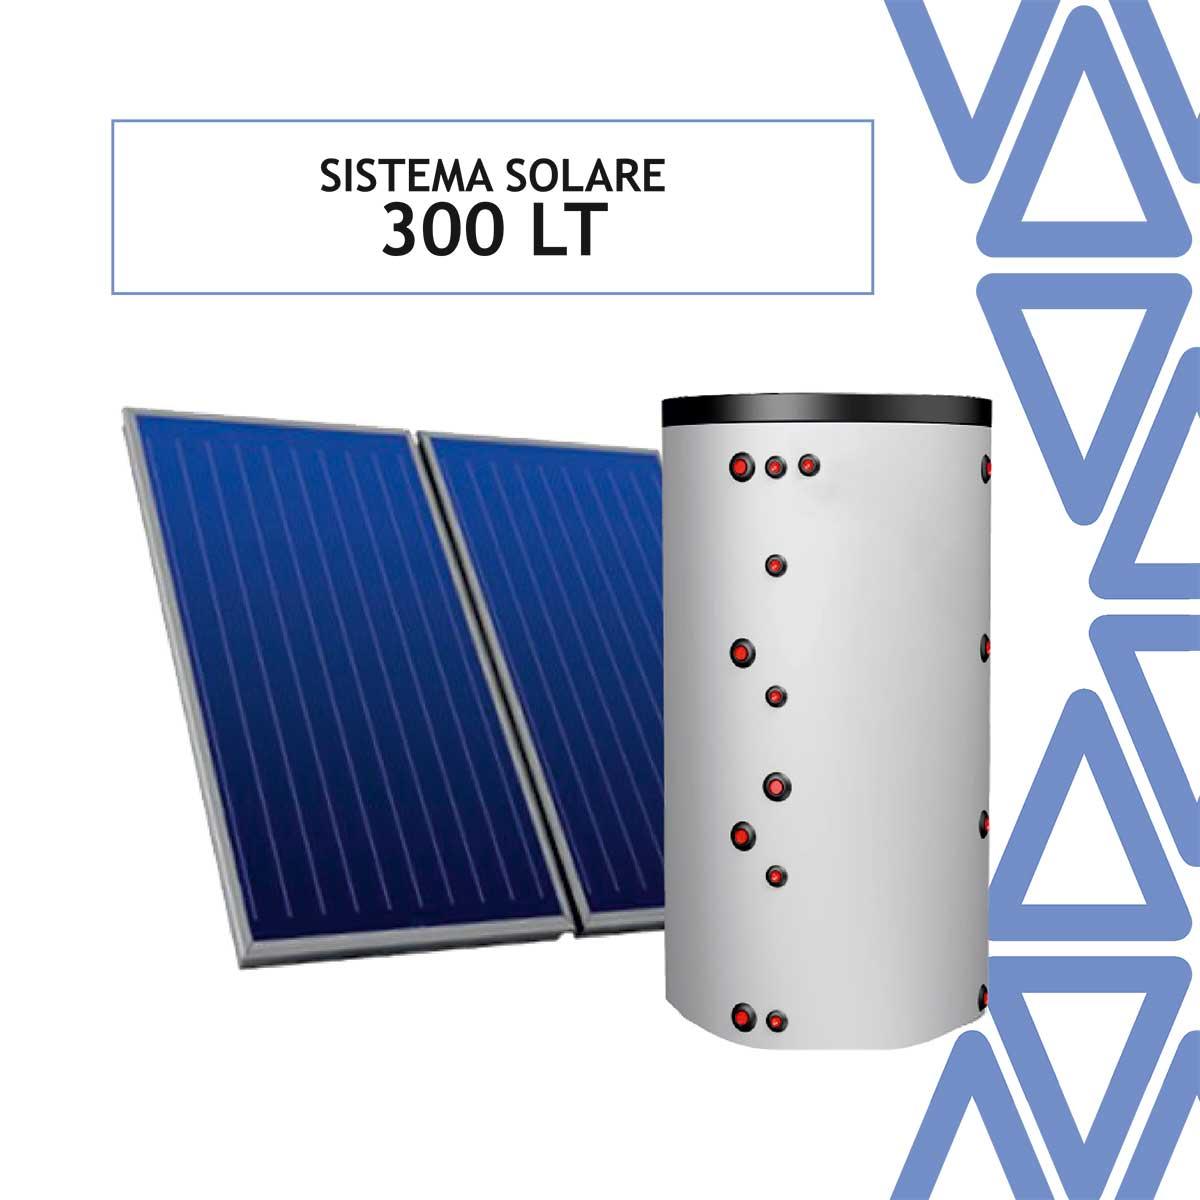 1x1-solare-termico-per-web-1